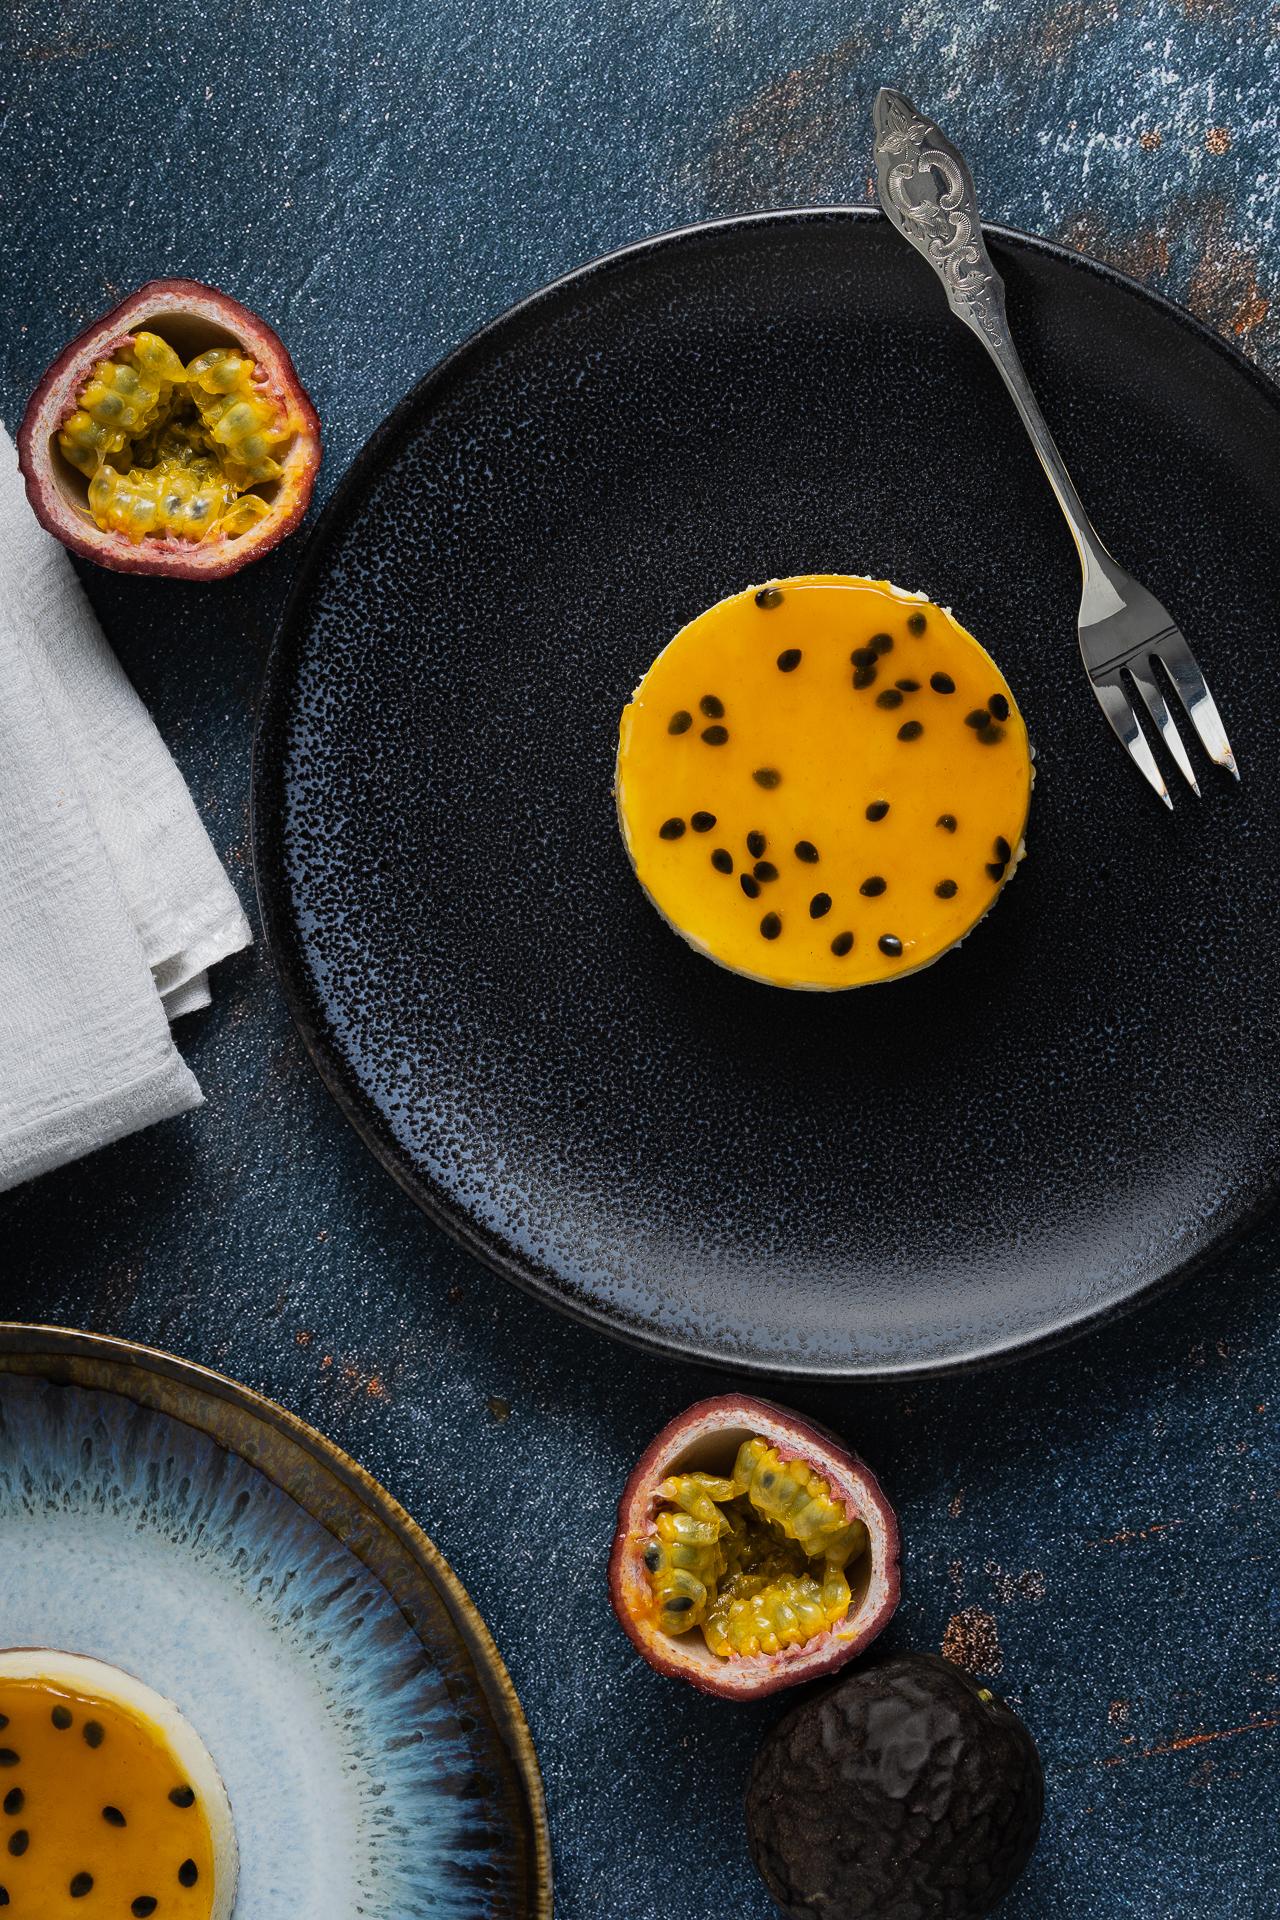 ny-cheeseckae-passionfruit-flatlay-1920